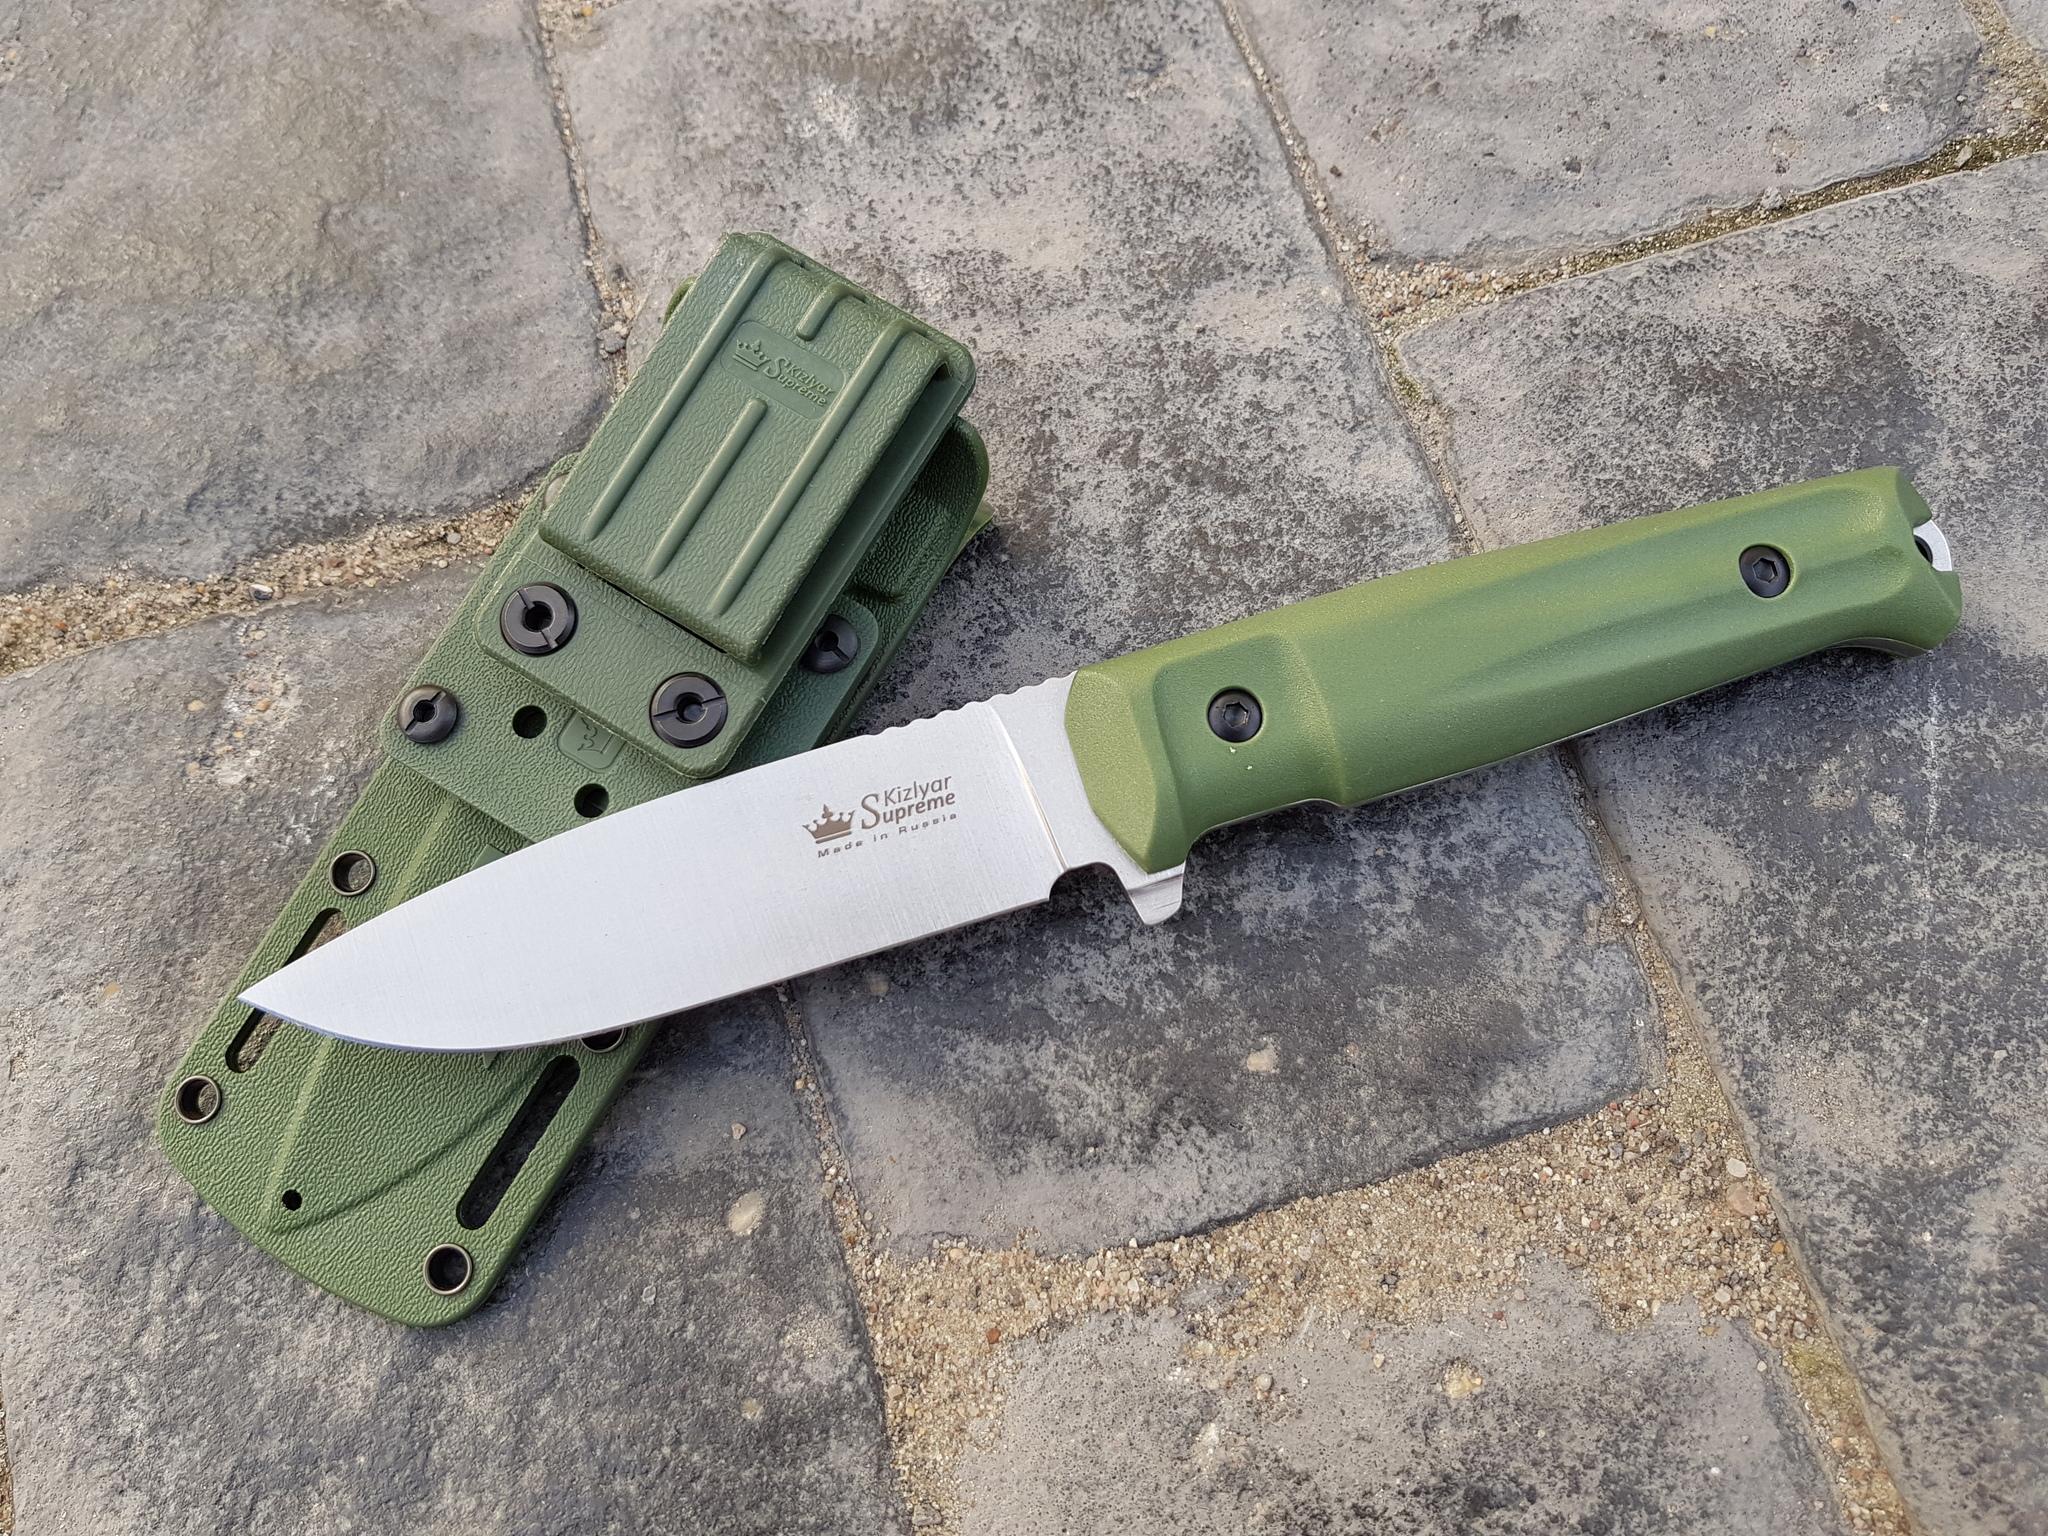 Фото 28 - Тактический нож Sturm AUS-8 S BS SW олива, Кизляр от Kizlyar Supreme